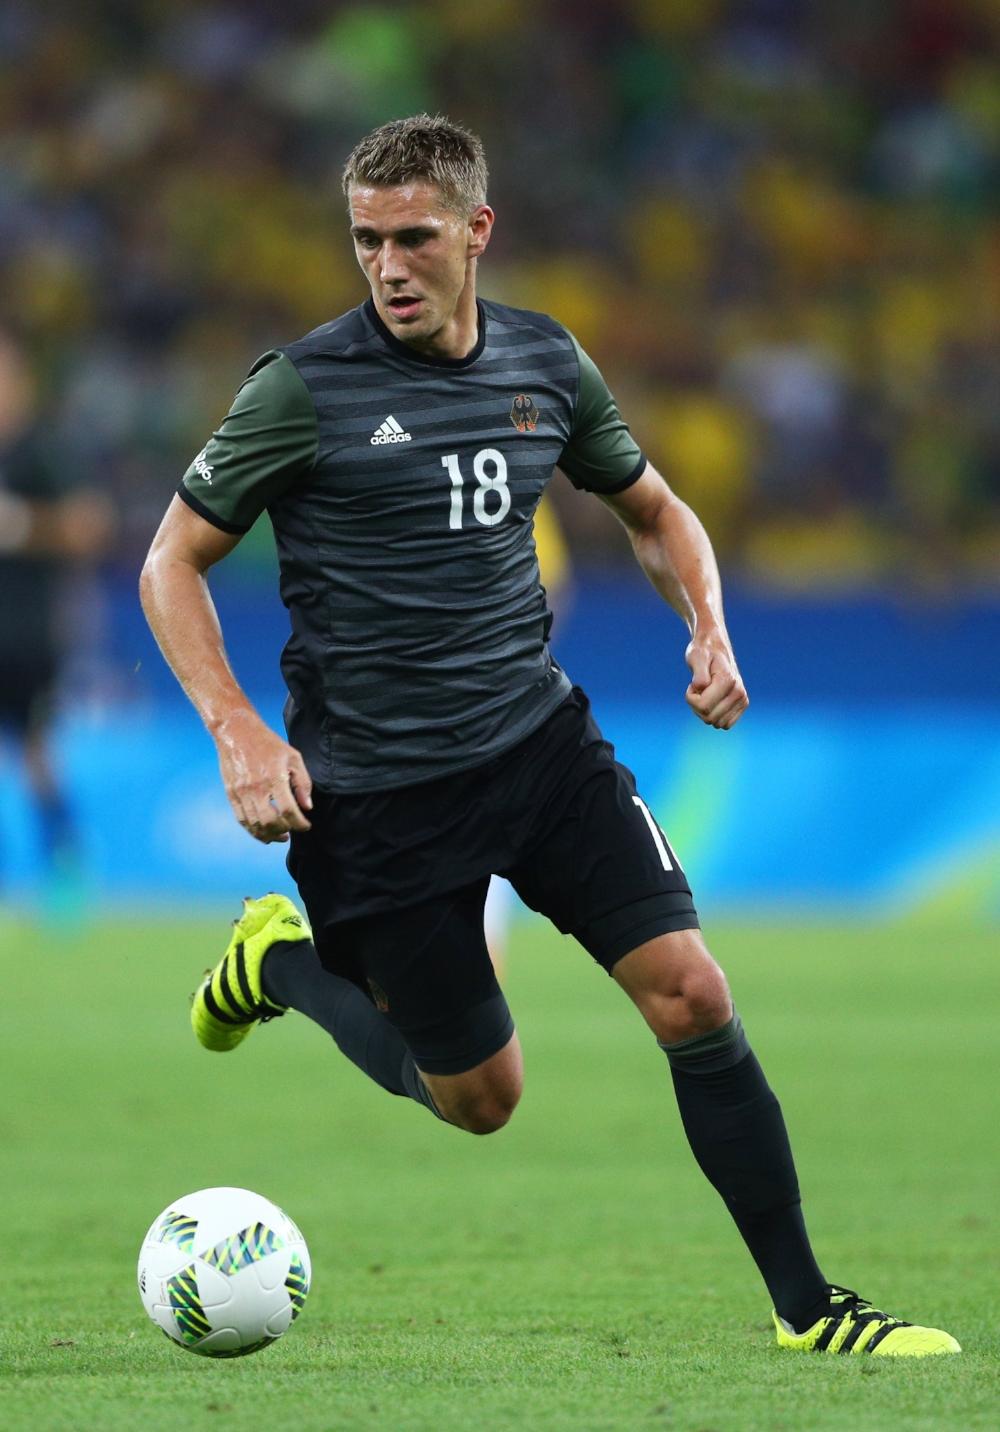 Nils Petersen, der havde en nøglerolle under OL i Brasilien, får en fremtrædende rolle på Freiburgs mandskab i denne sæson.   Foto: Paul Gilham/Getty Images